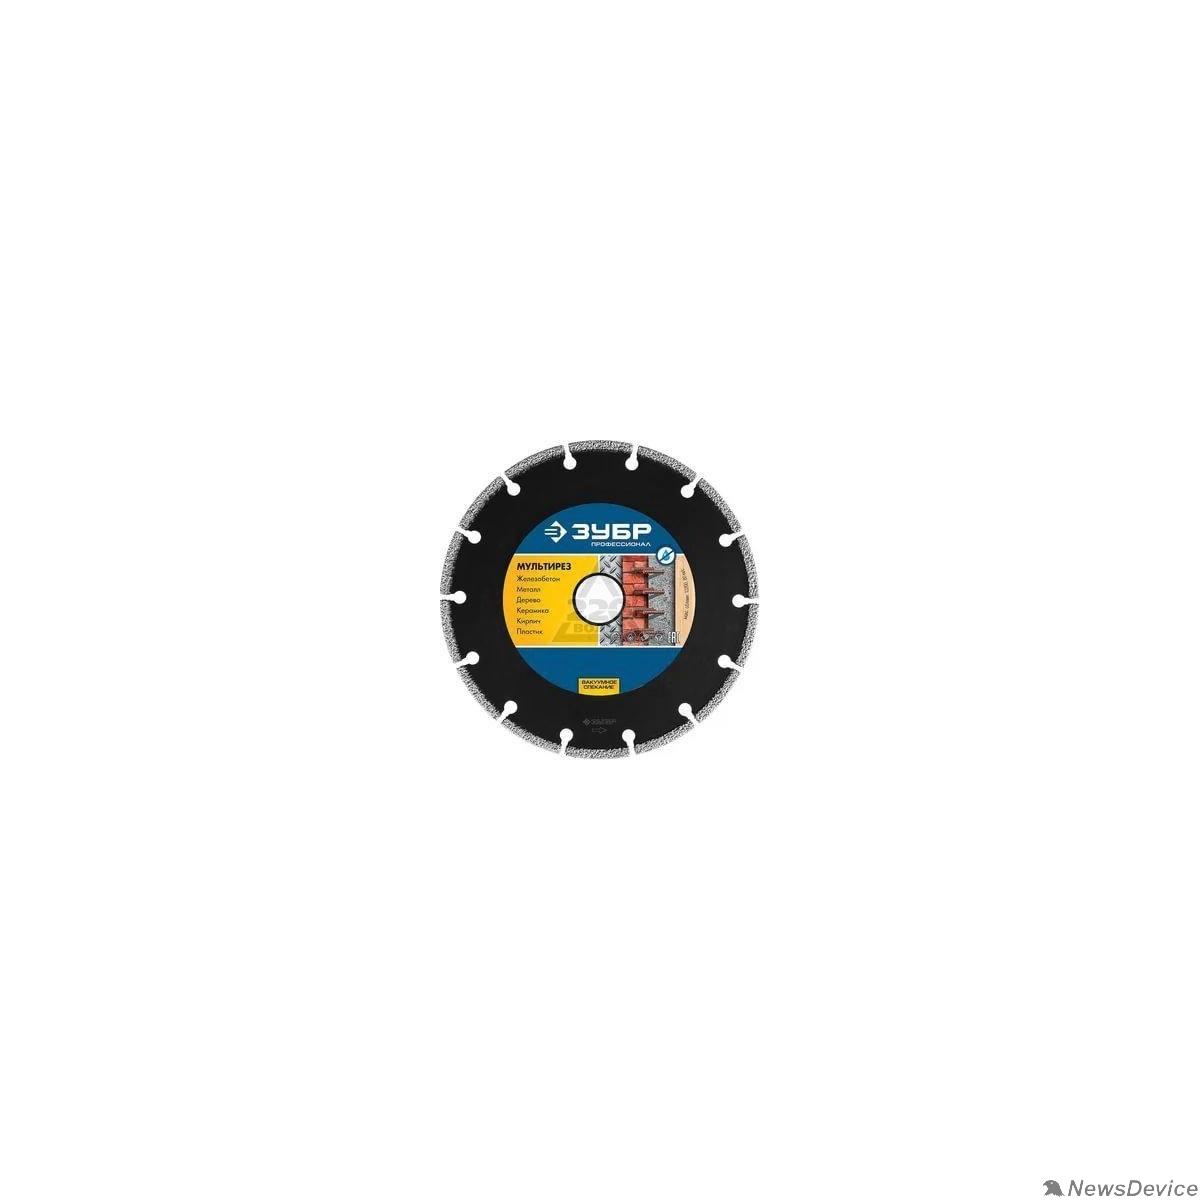 Оснастка ЗУБР (36660-125_z01) Профессионал МУЛЬТИРЕЗ 125 мм, диск алмазный отрезной универсальный, ЗУБР Профессионал